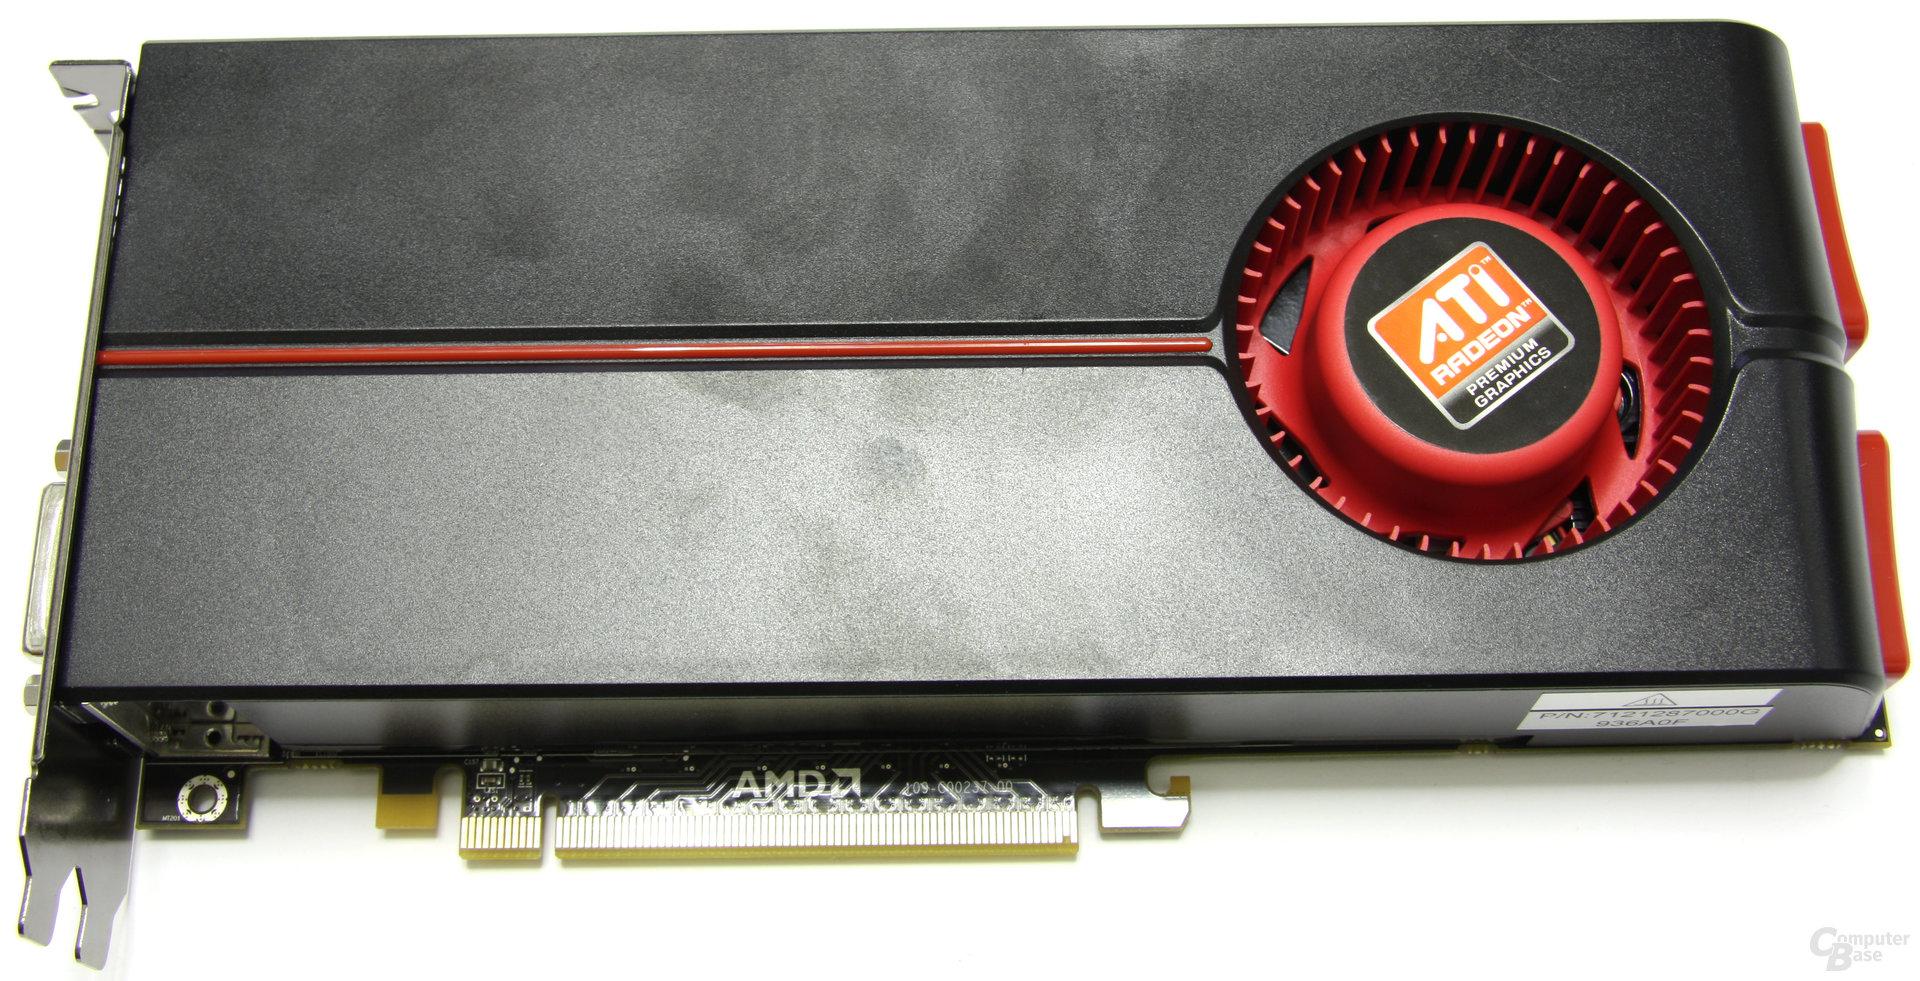 ATi Radeon HD 5850